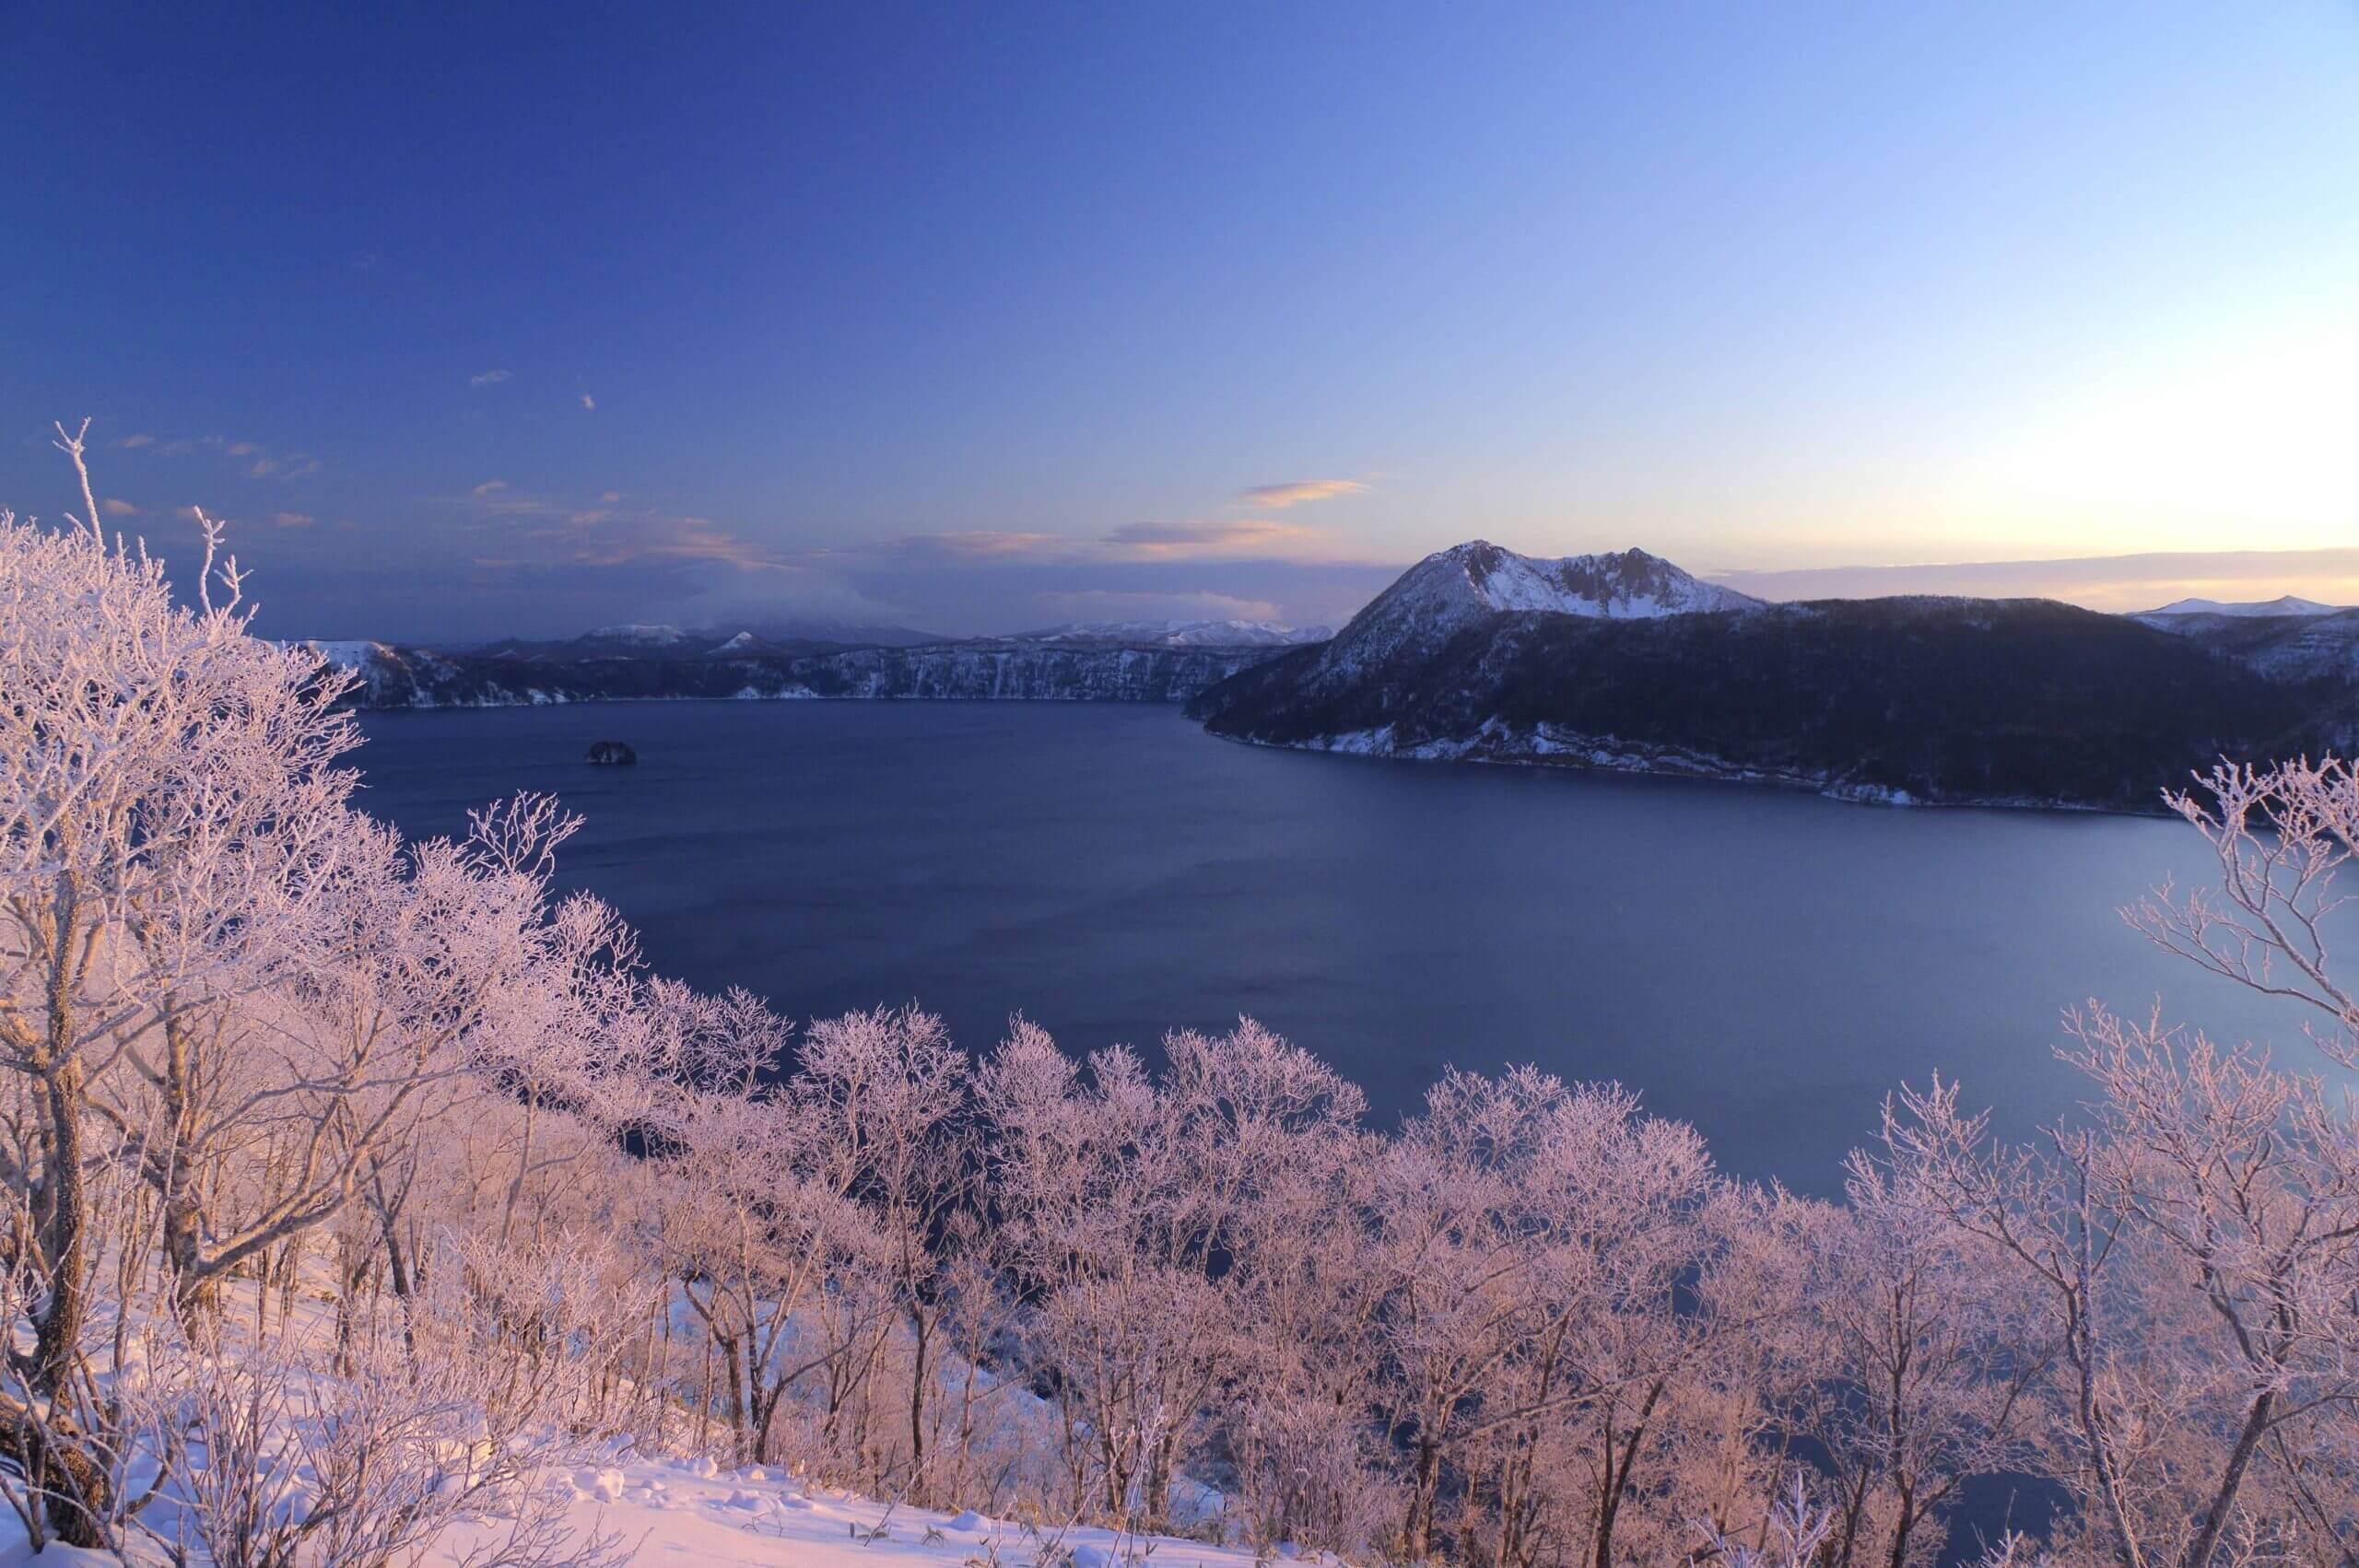 在樹冰的襯托下更顯夢幻的「摩周湖」